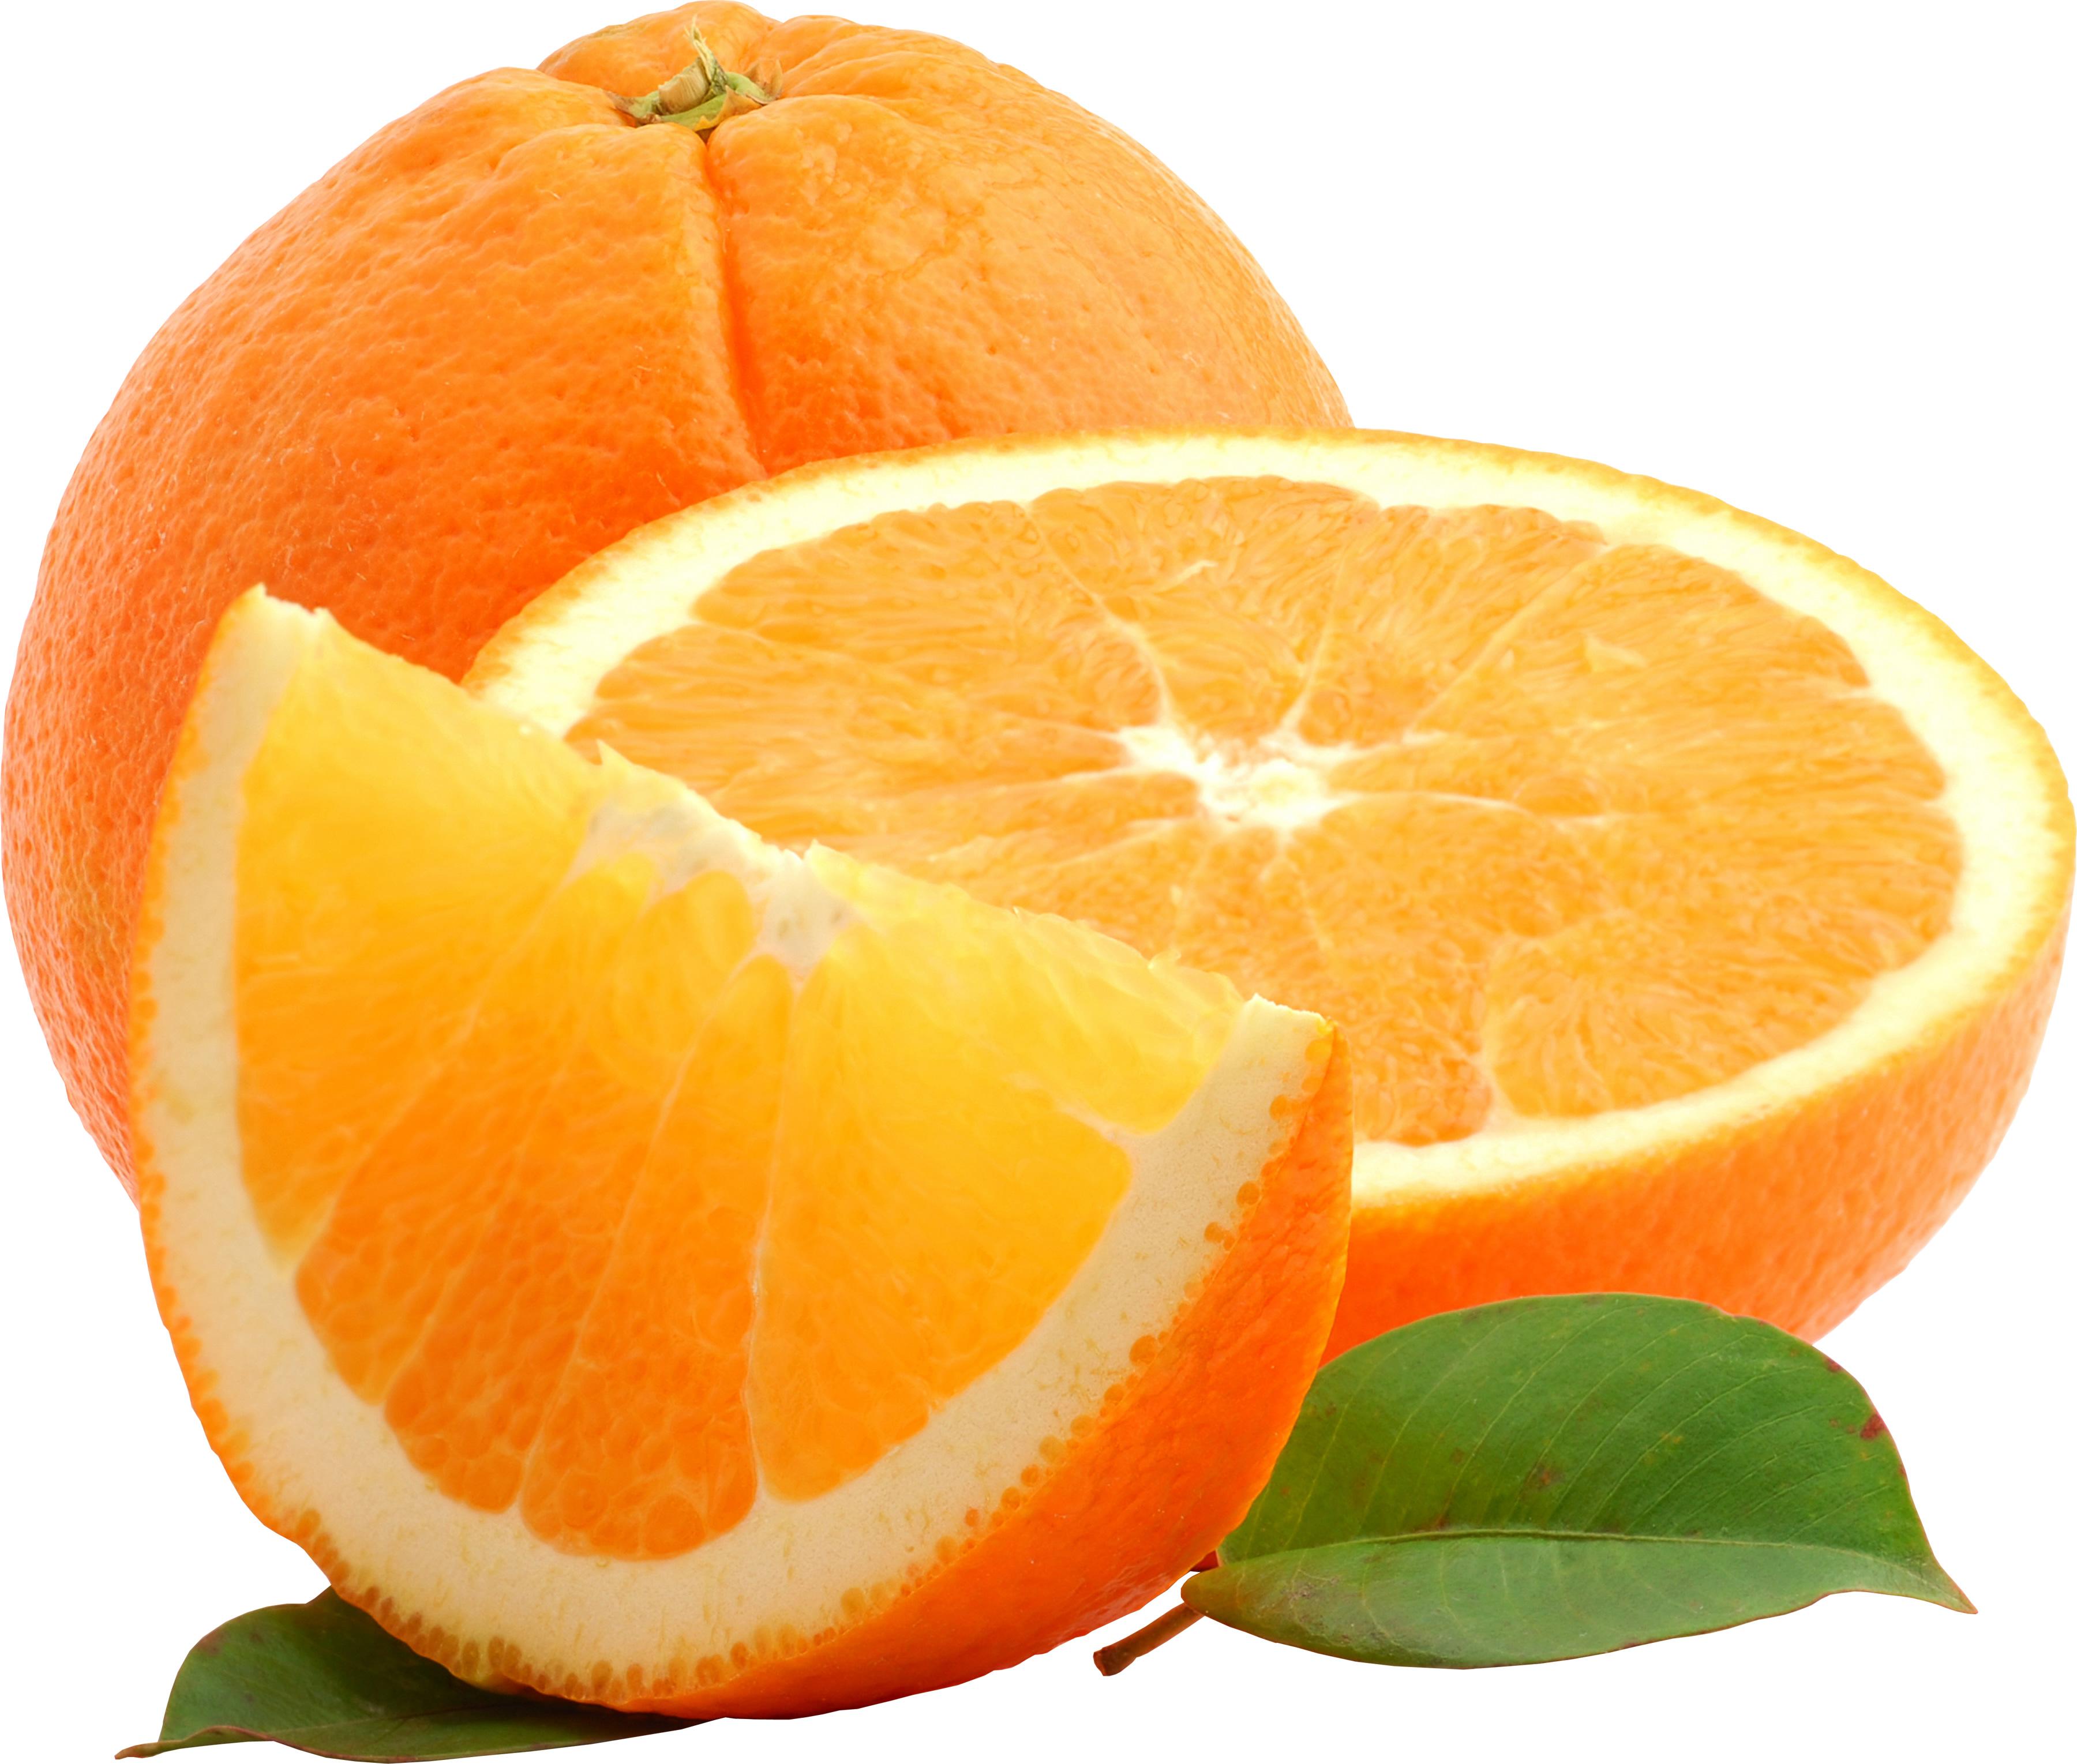 Oranges orange clip art free clipart images 4.